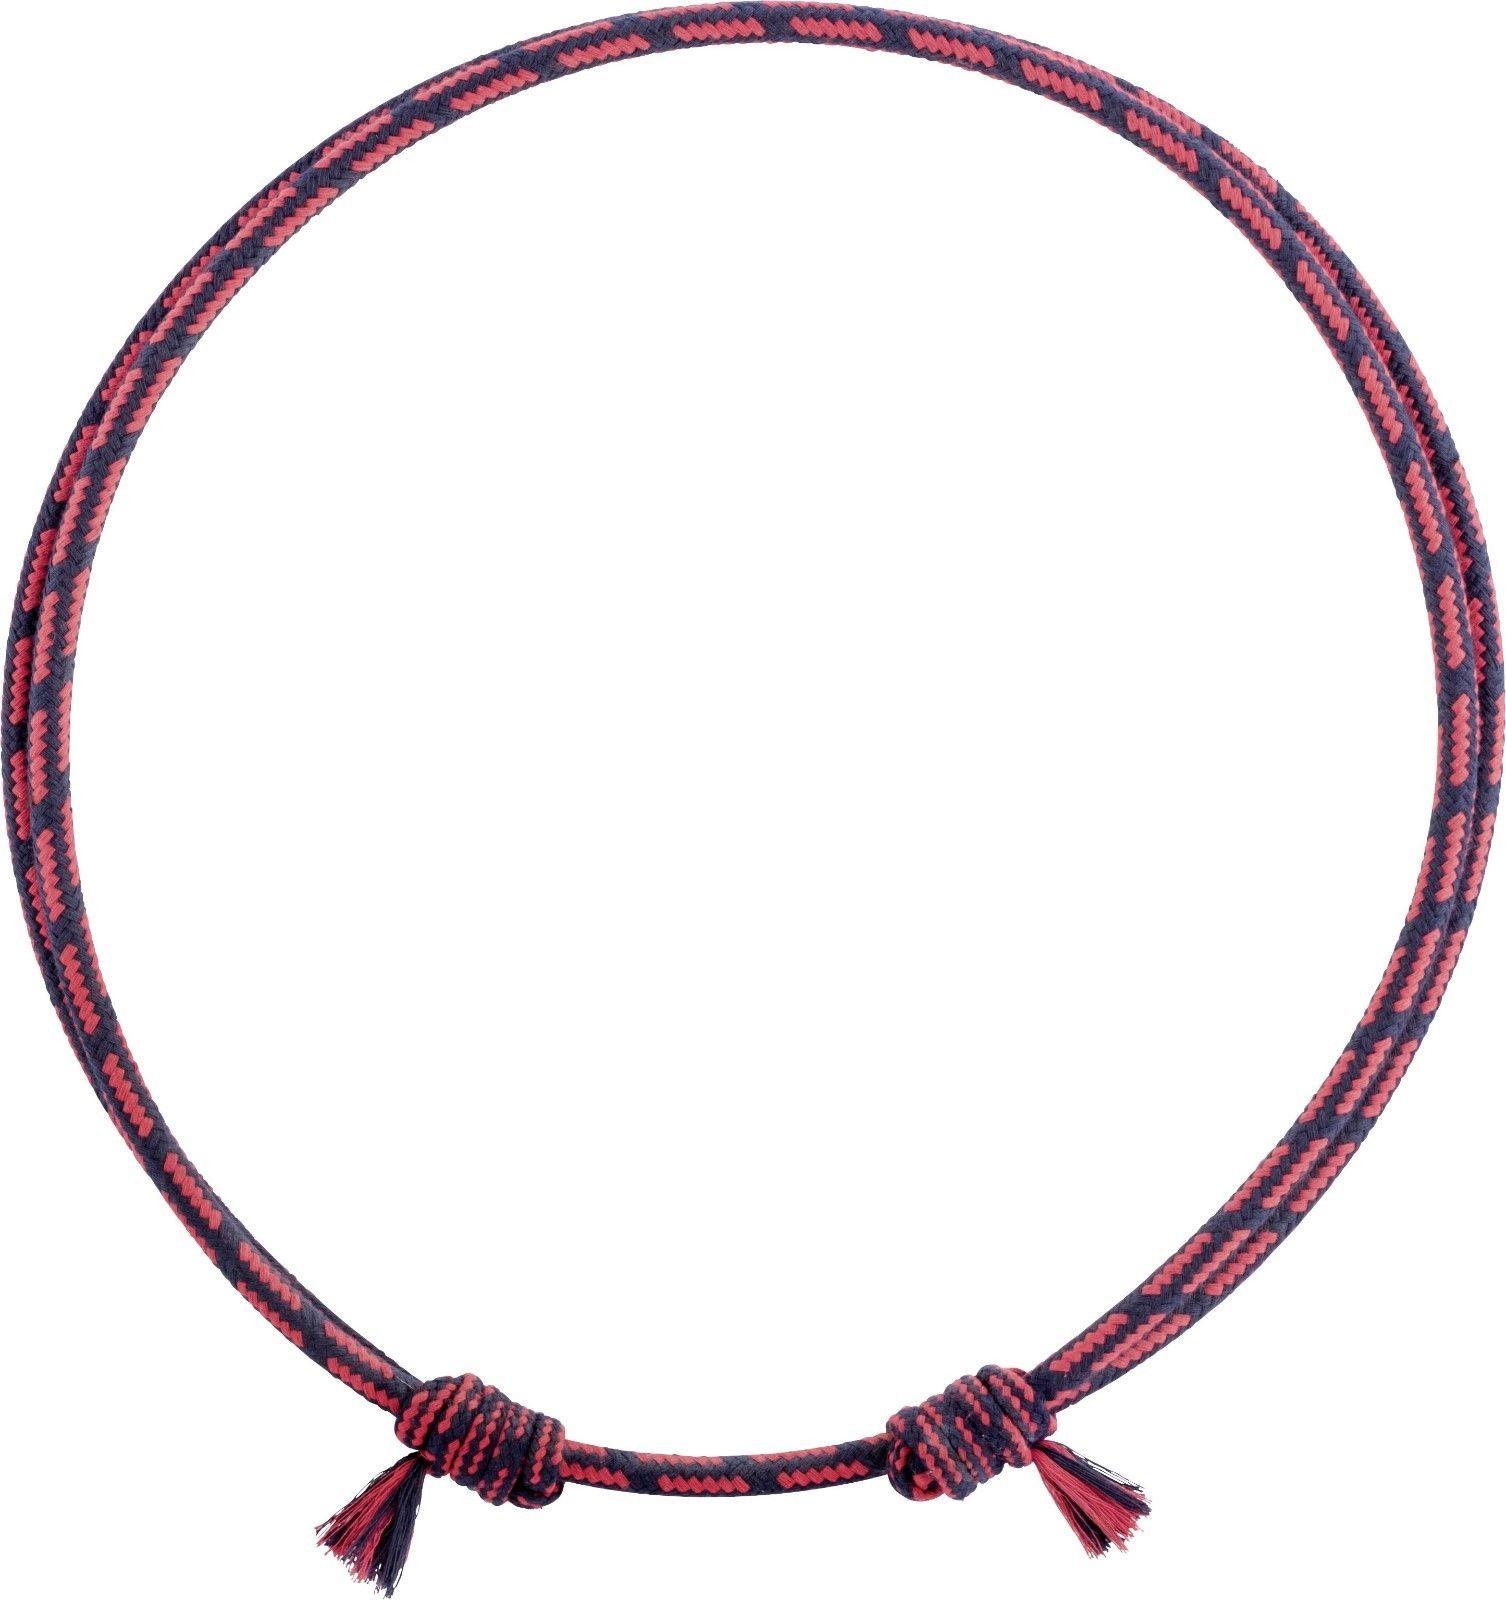 USG Halsring, rund und größenverstellbar